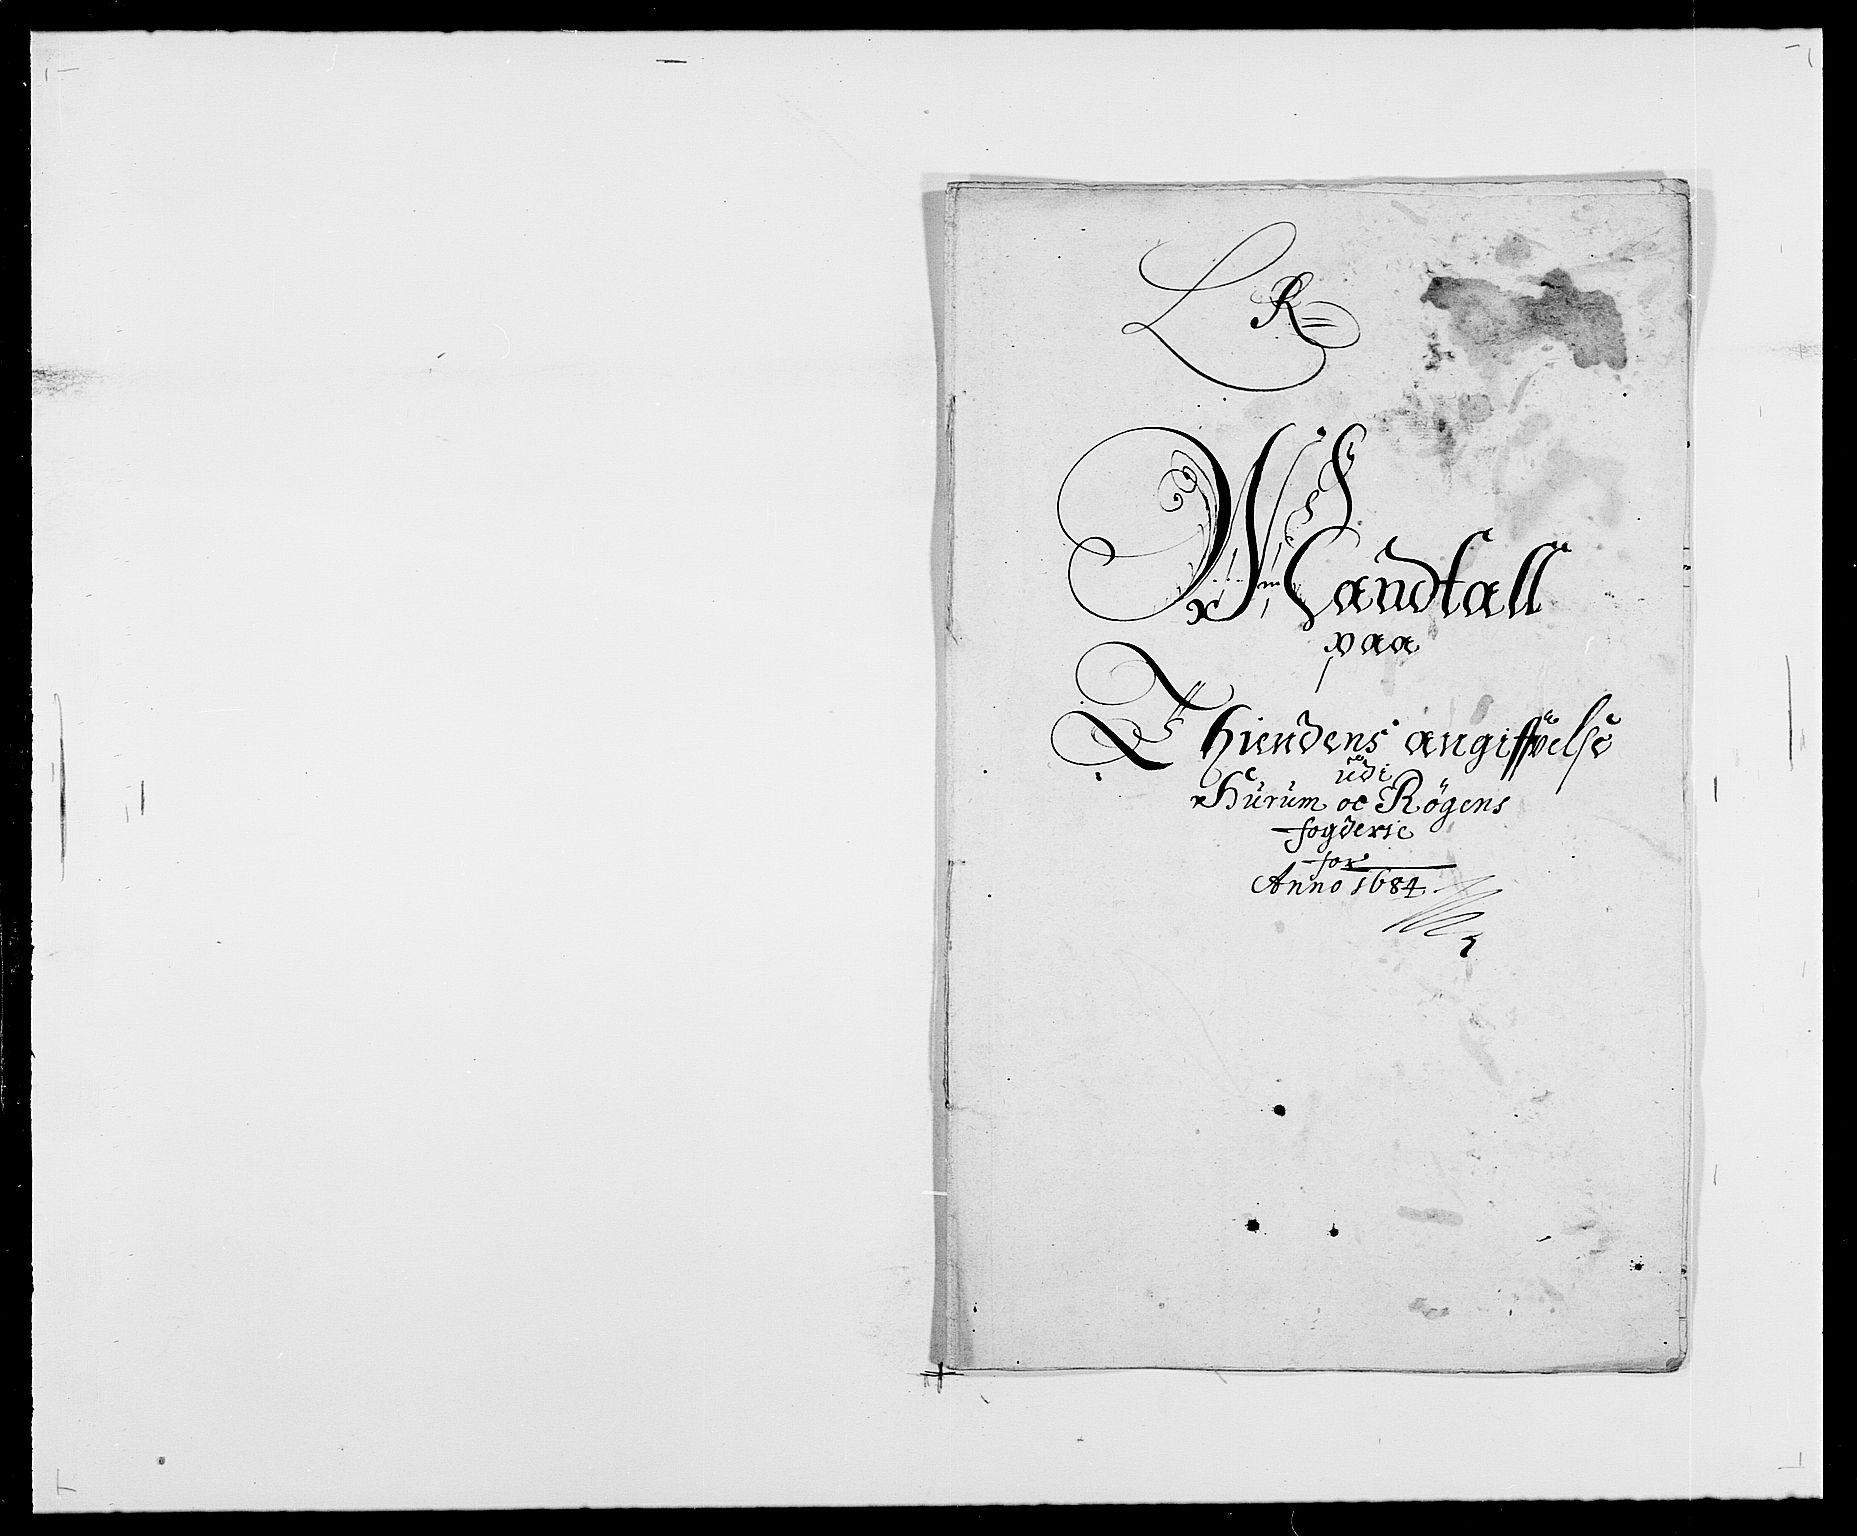 RA, Rentekammeret inntil 1814, Reviderte regnskaper, Fogderegnskap, R29/L1692: Fogderegnskap Hurum og Røyken, 1682-1687, s. 187